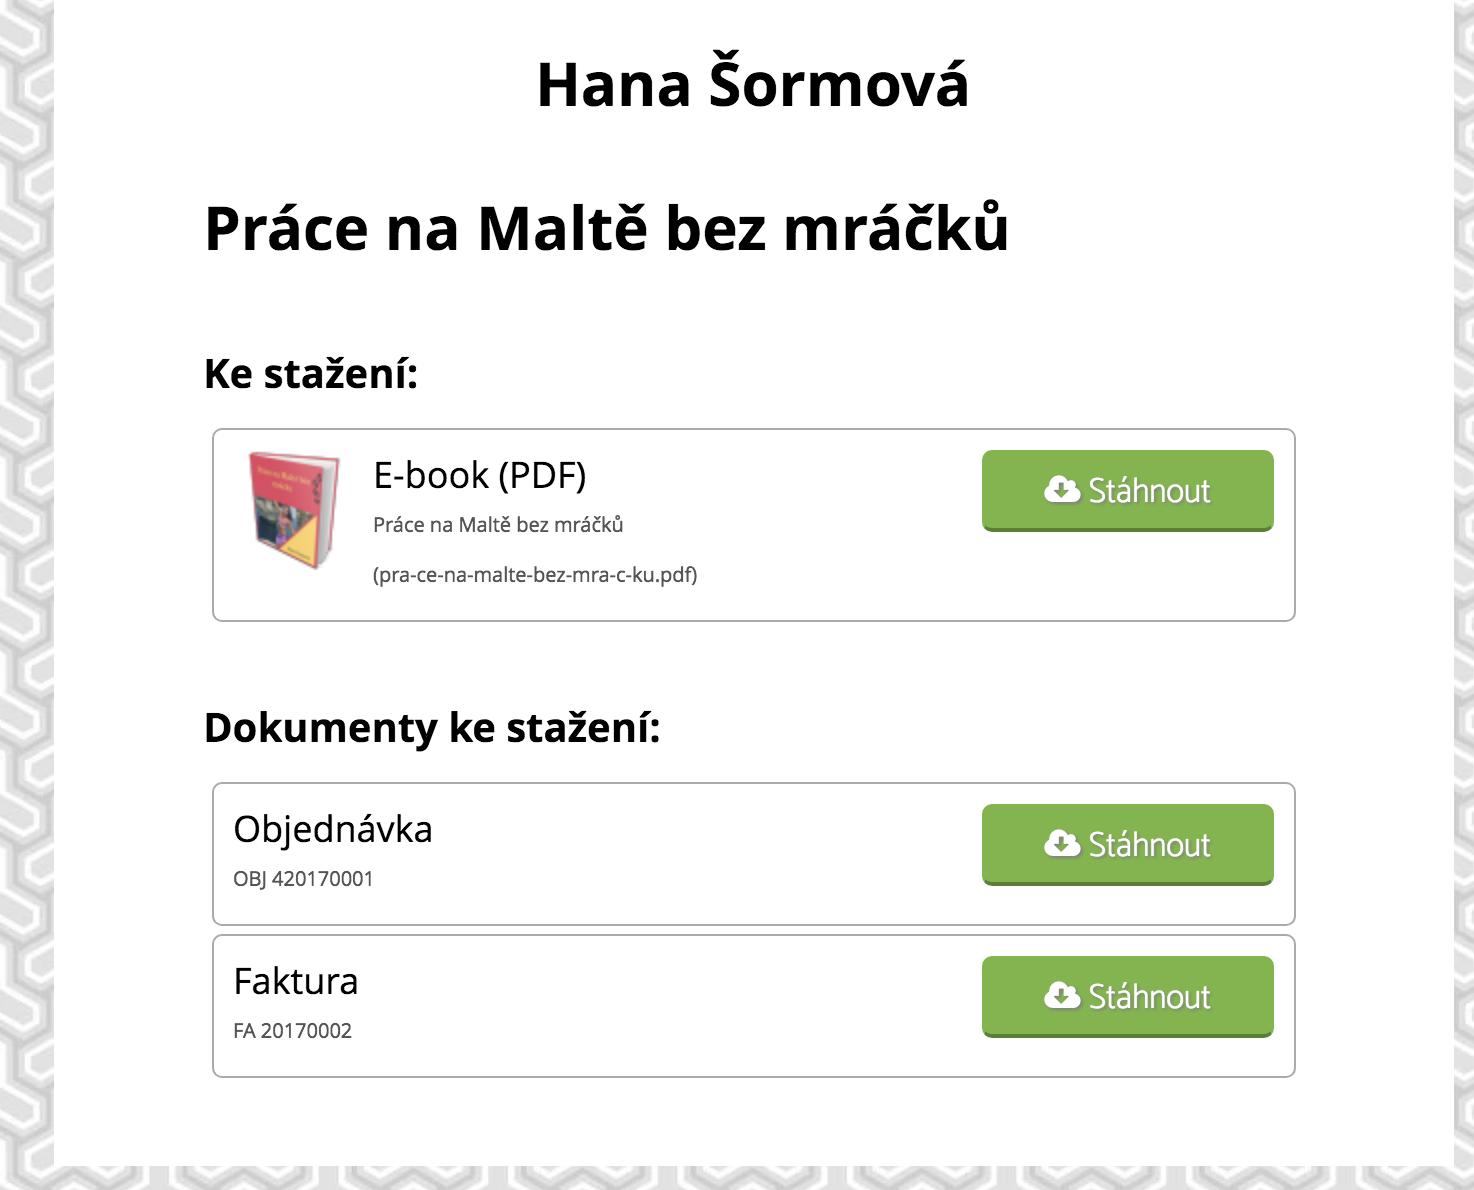 Stránka po prokliku emailu se zakoupeným produktem